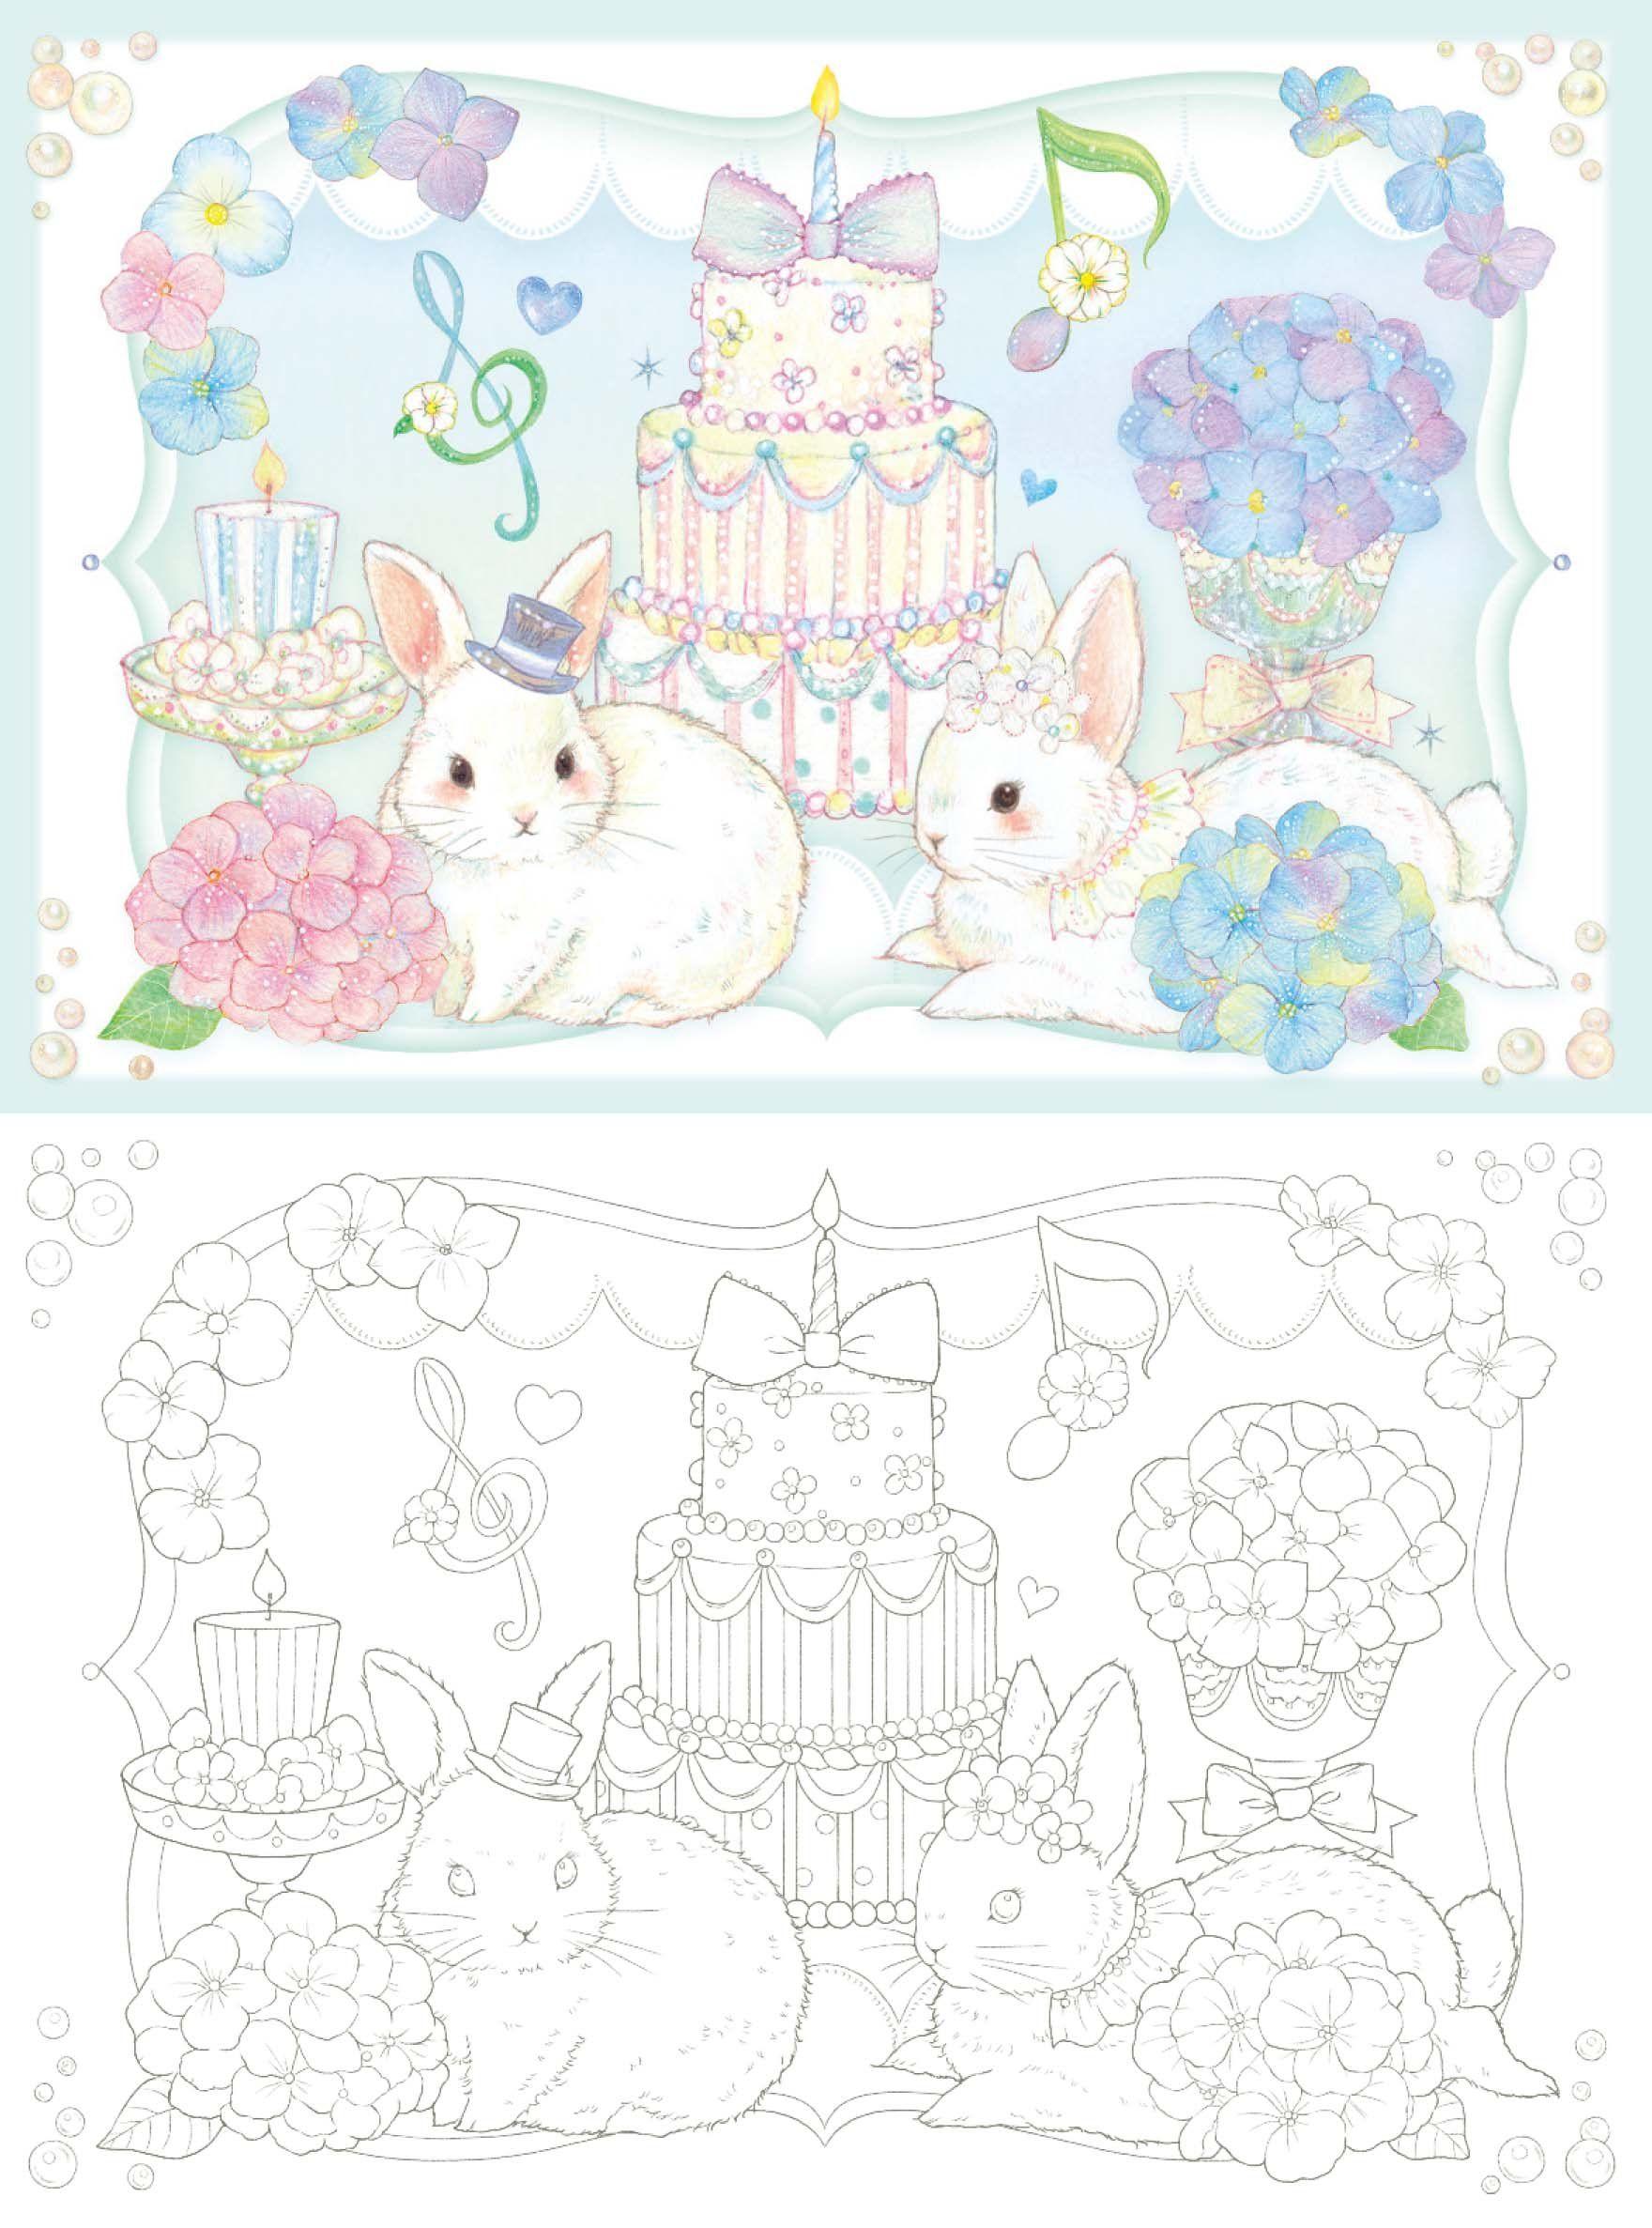 かわいい の魔法にかかる夢色12か月の塗り絵postcard Book 大人の塗り絵シリーズ たけいみき 本 通販 Amazon 塗り絵 大人の塗り絵 塗り絵 無料